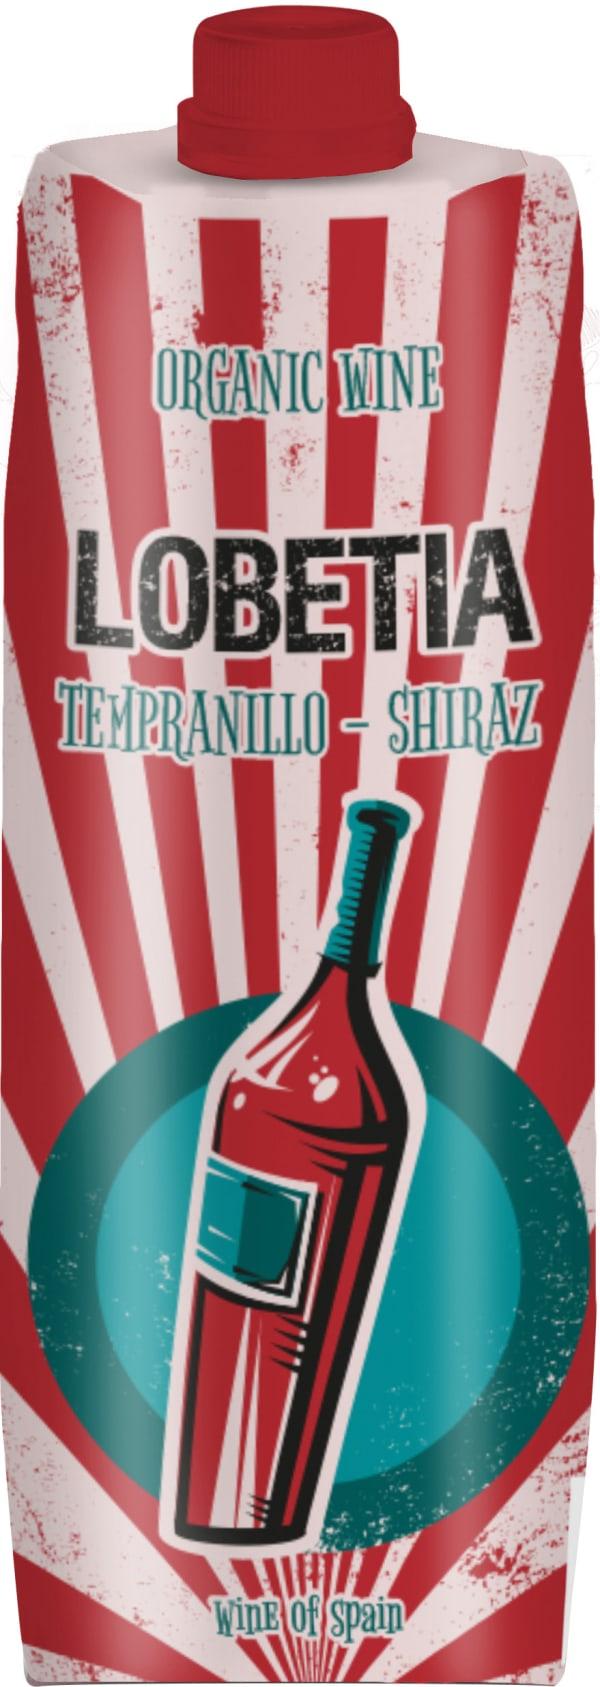 Lobetia Tempranillo Shiraz 2016 carton package